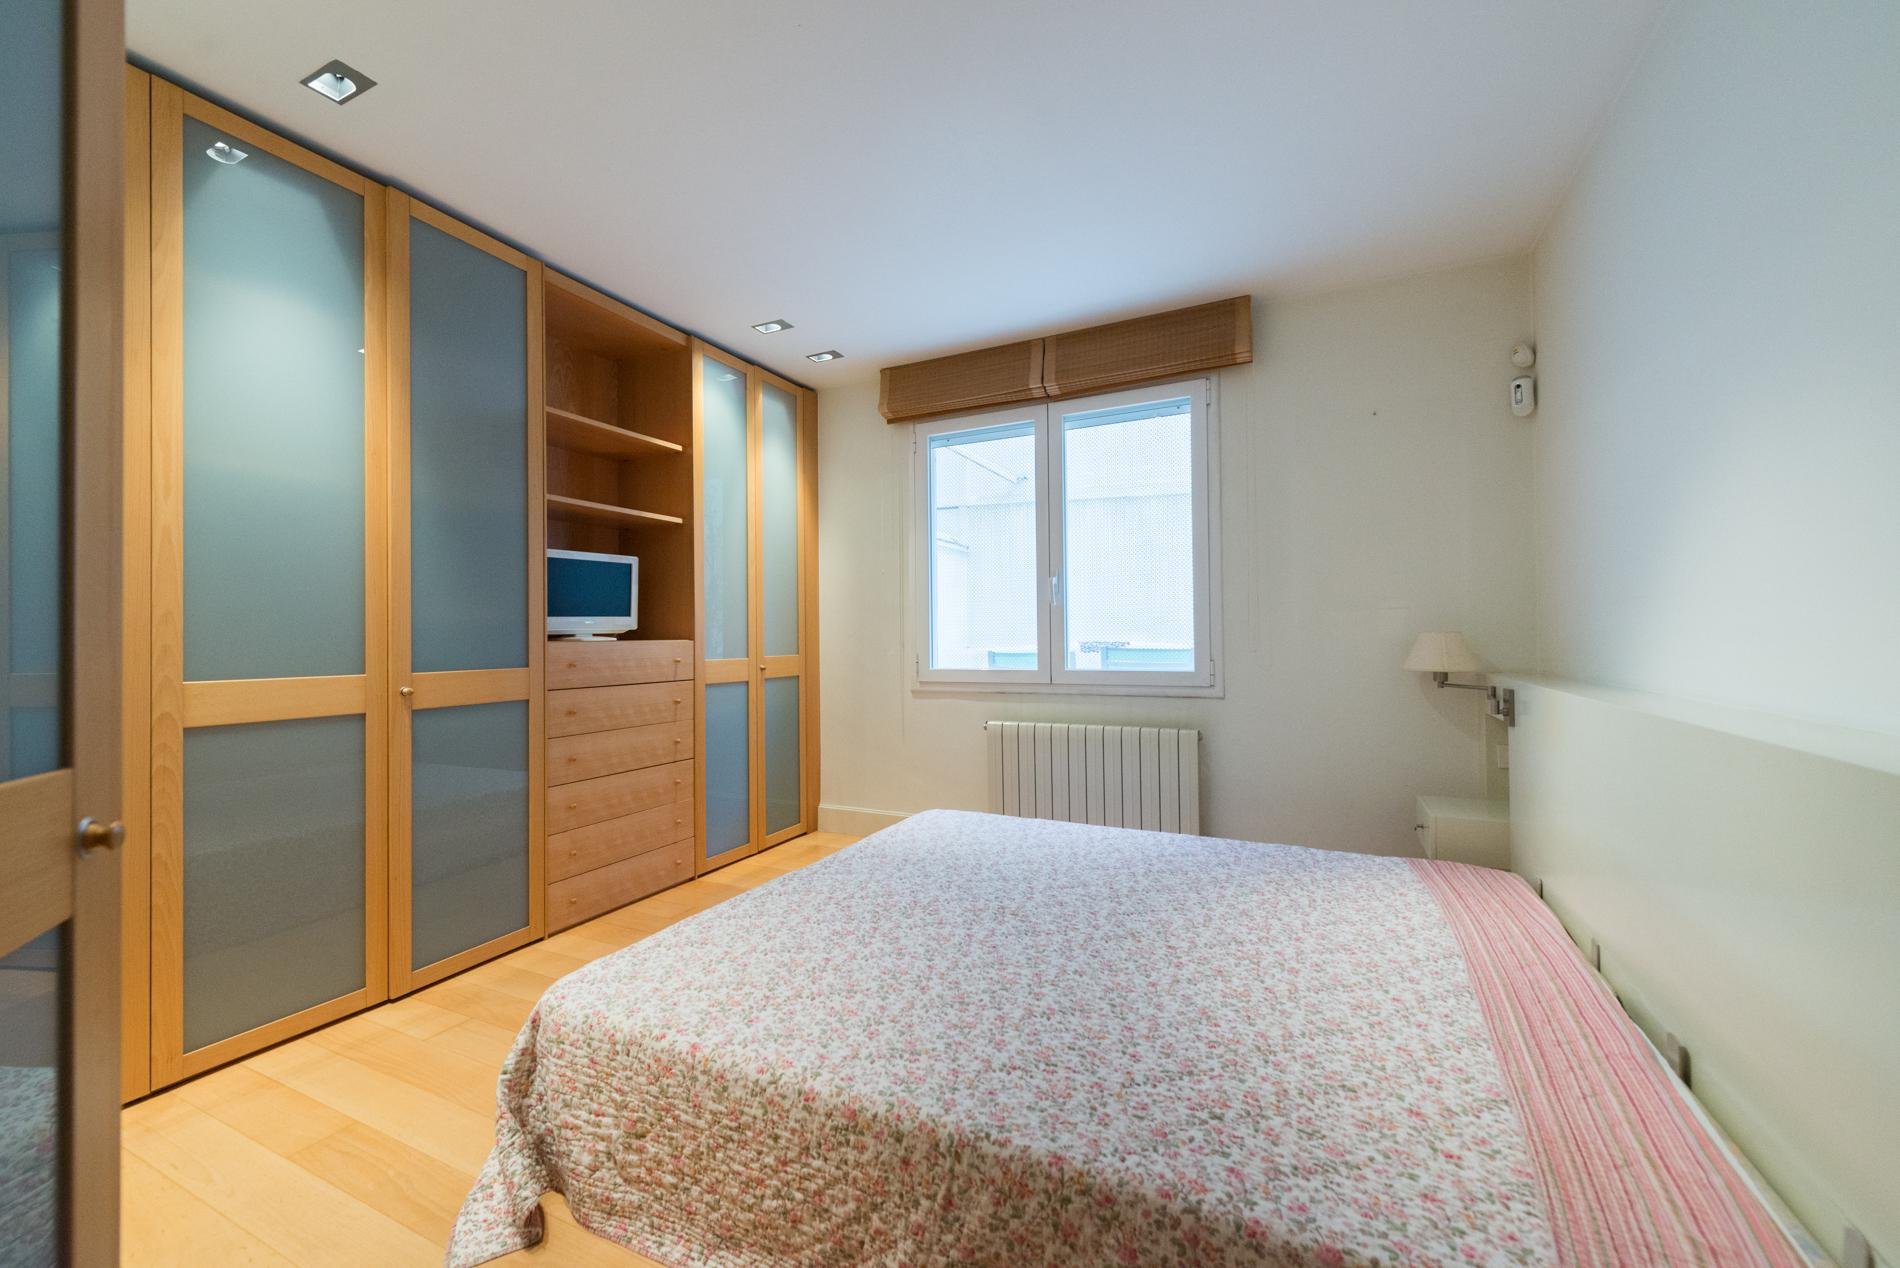 247761 Ground Floor for sale in Sarrià-Sant Gervasi, St. Gervasi-Bonanova 10